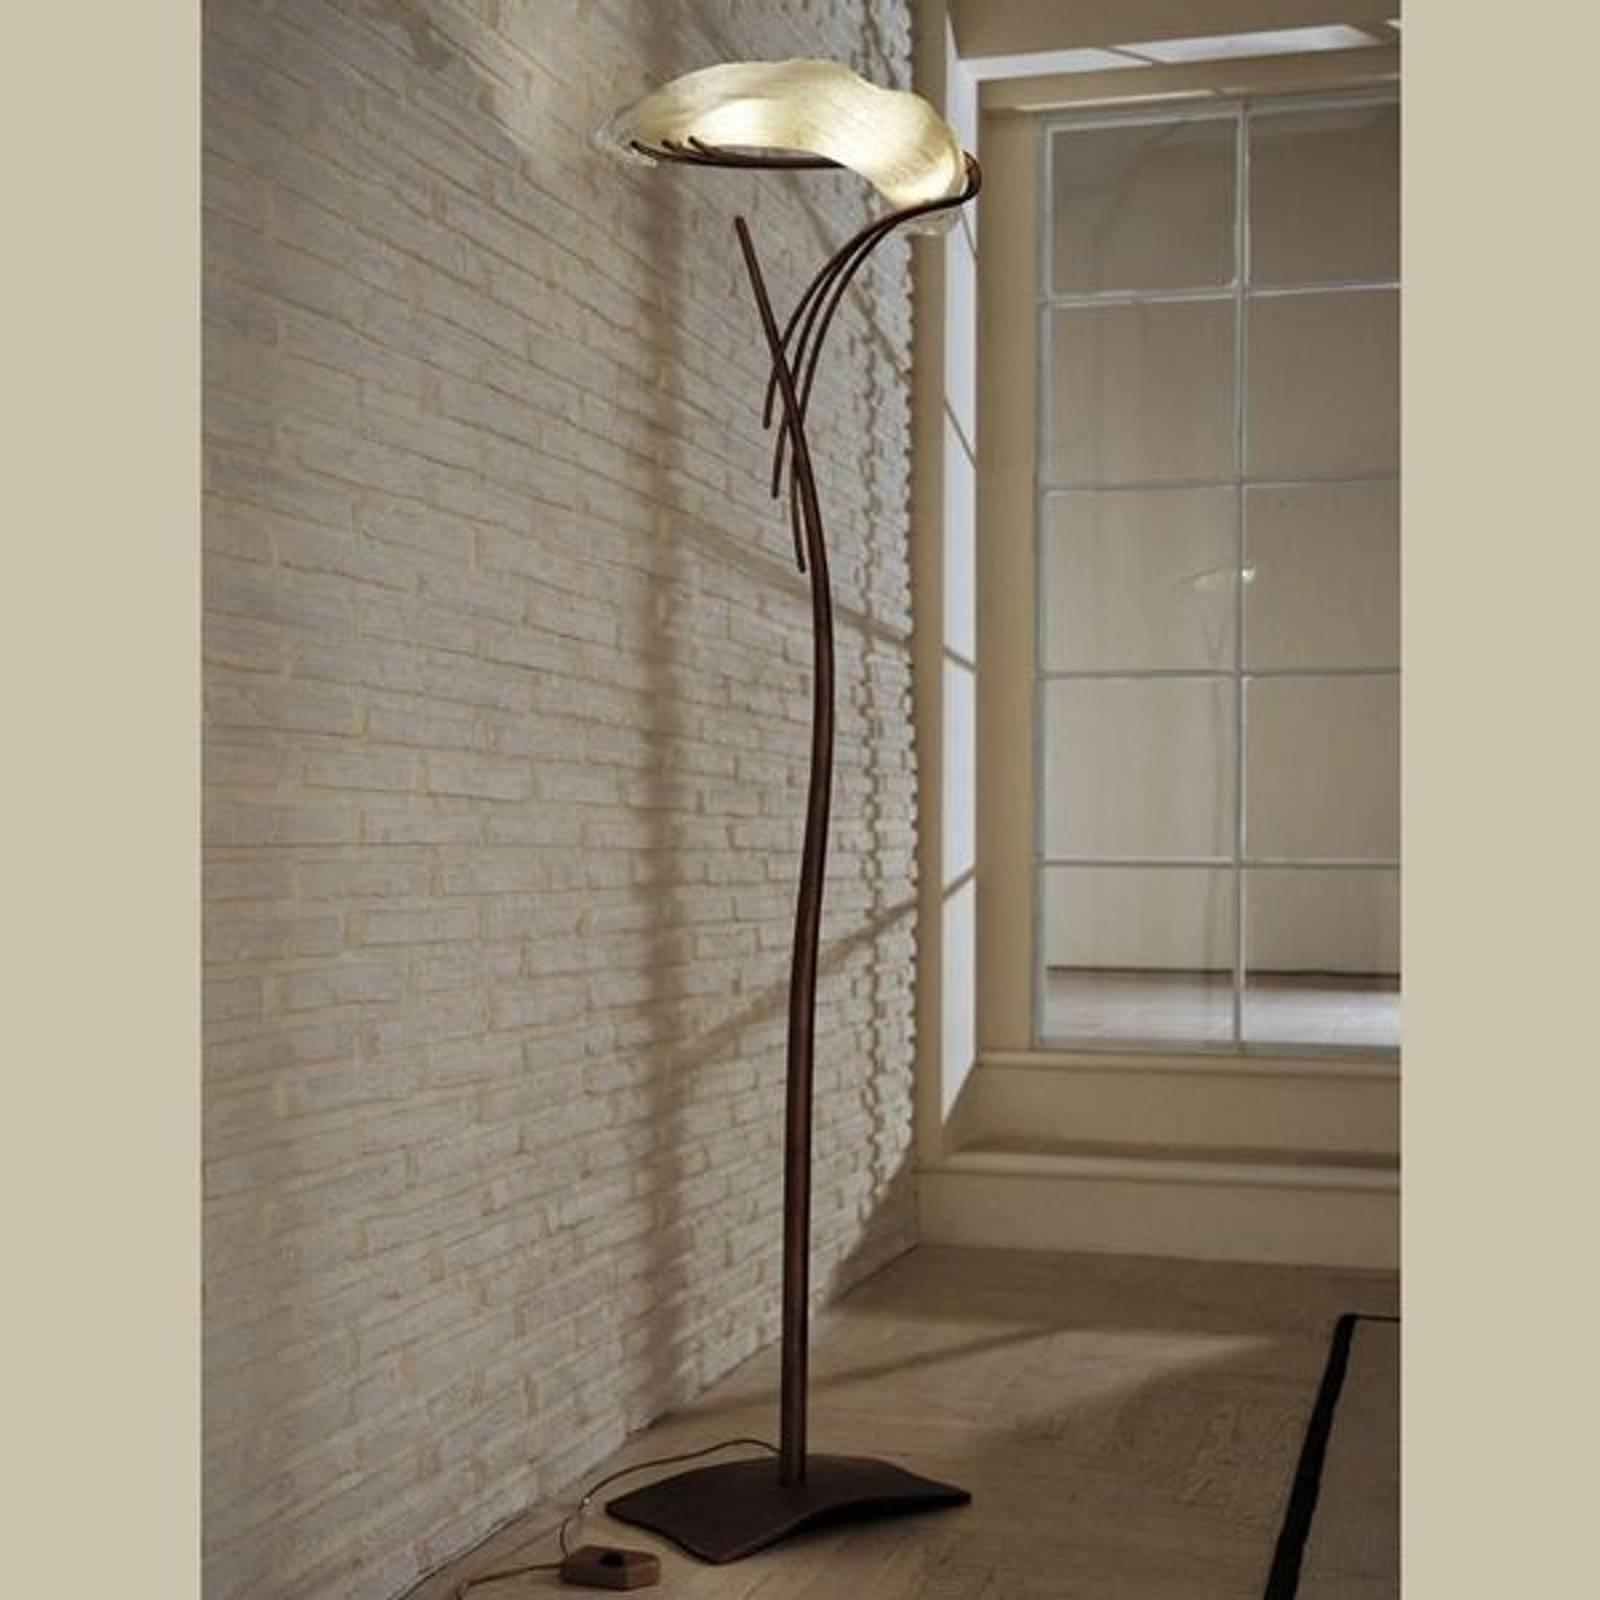 Stehlampen und andere lampen von sil lux online kaufen for Lampen 500 lux